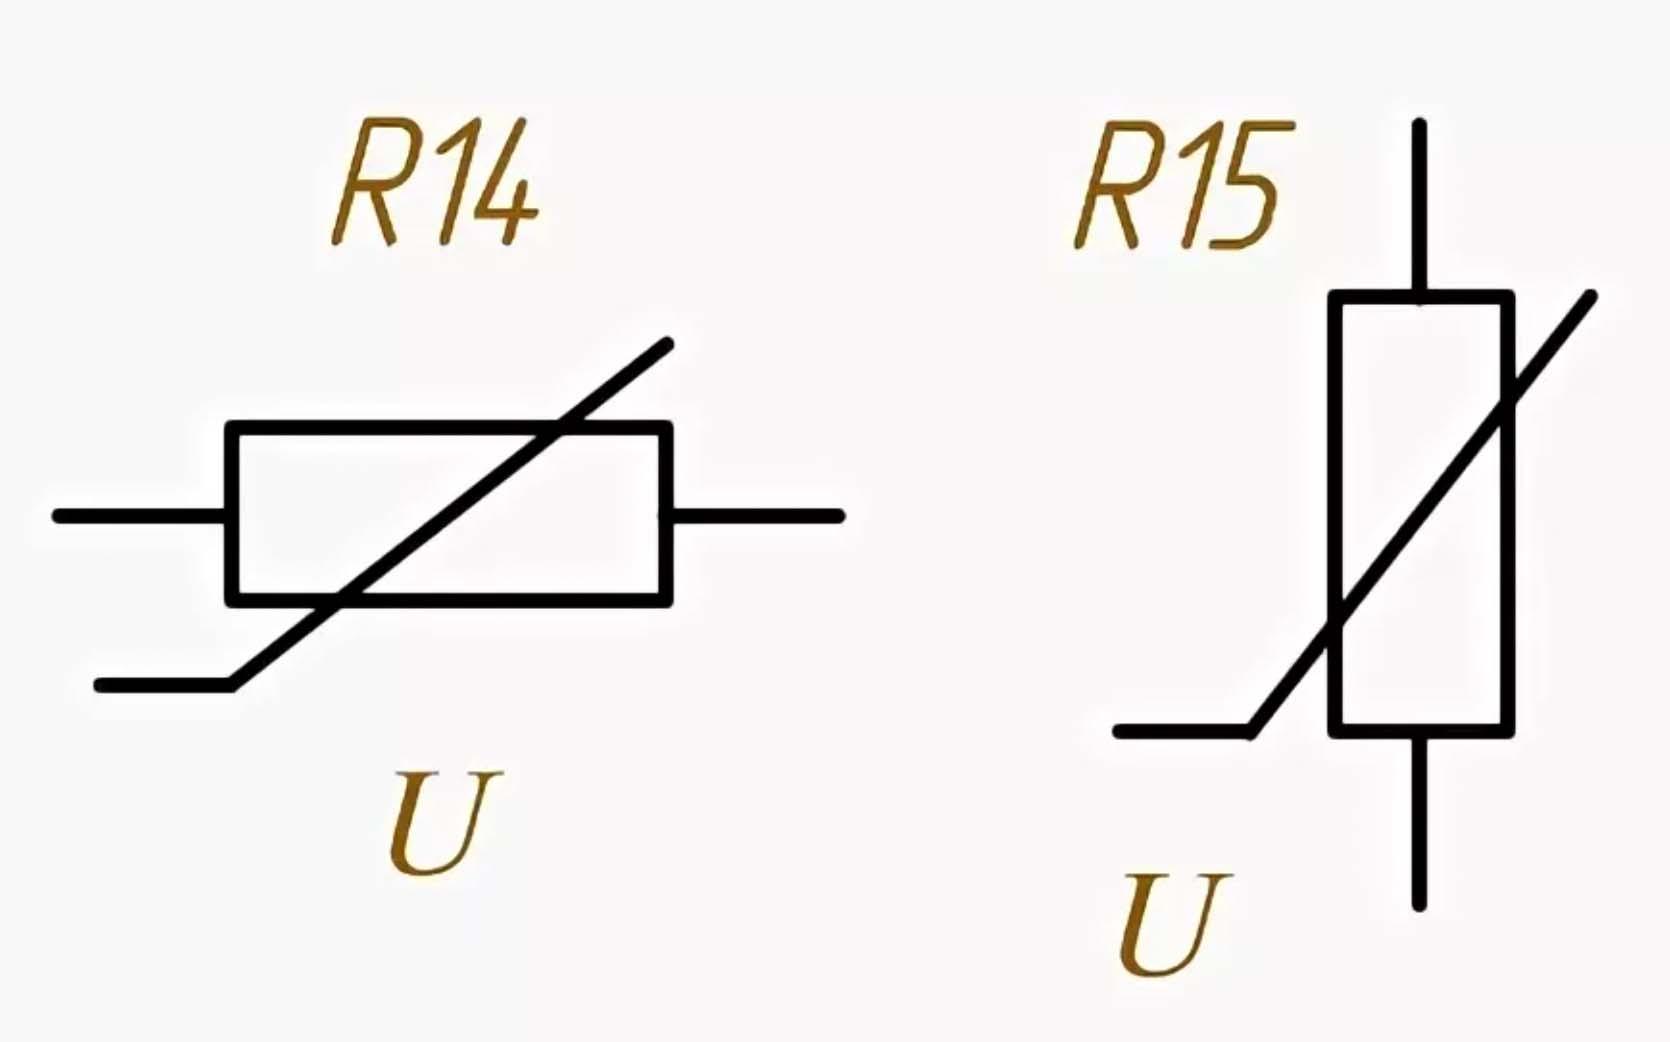 Как обозначают варистор на схемах